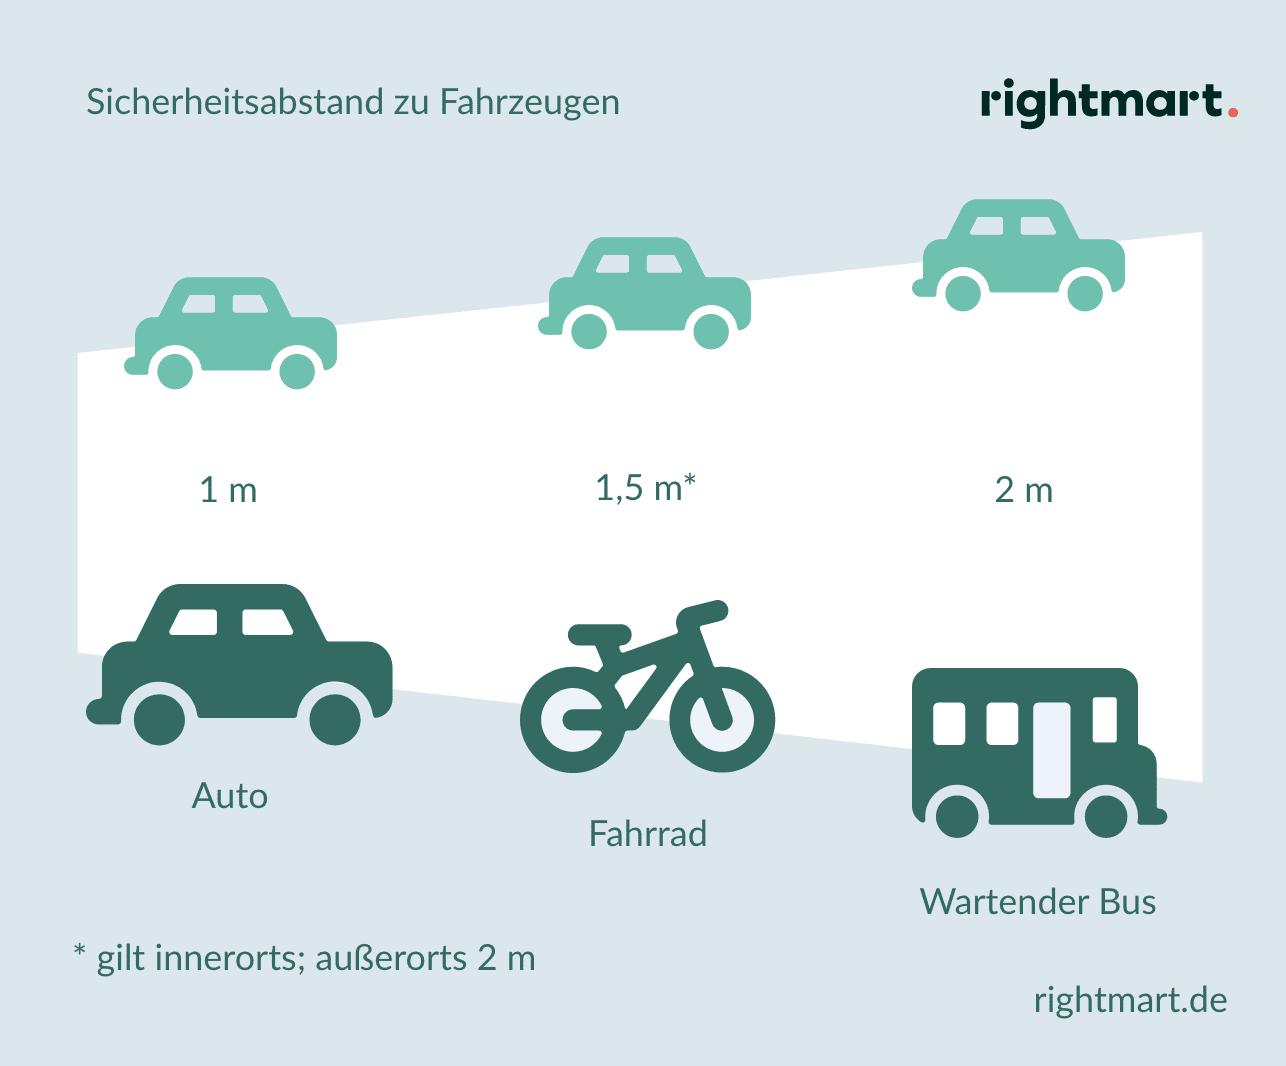 Sicherheitsabstand zu Fahrzeugen